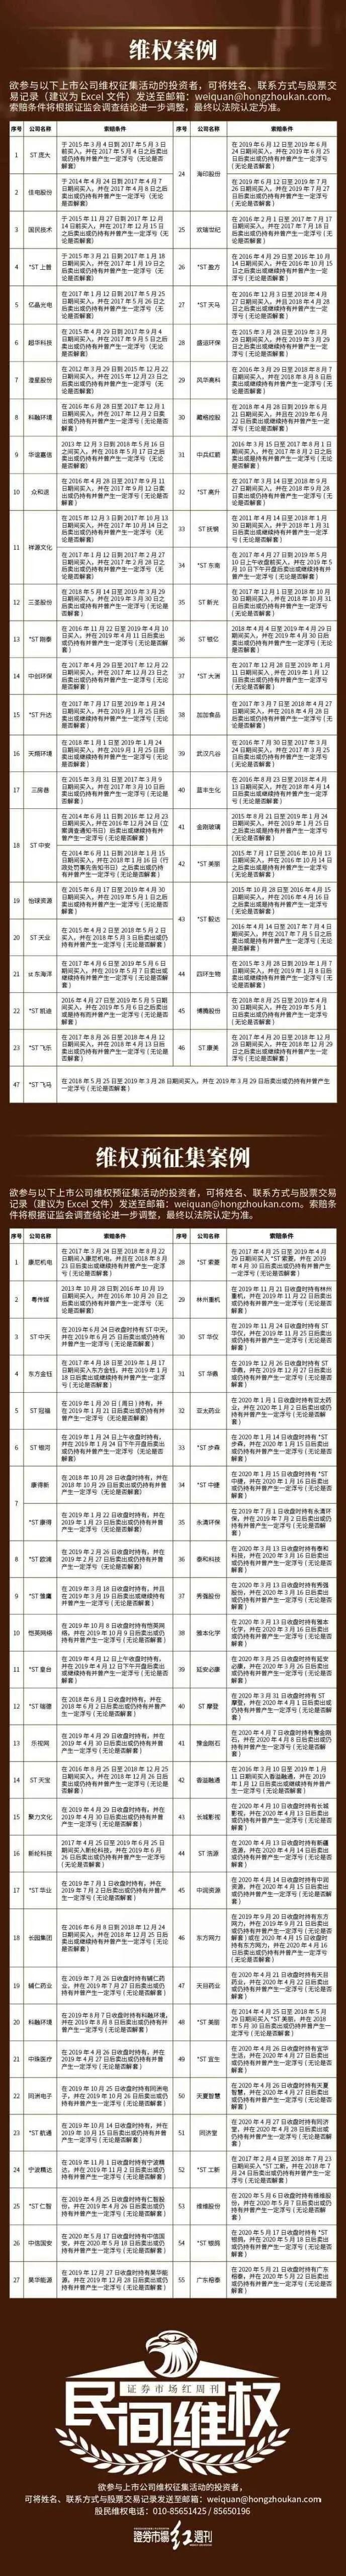 广东榕泰:被责令改正后又遭立案调查